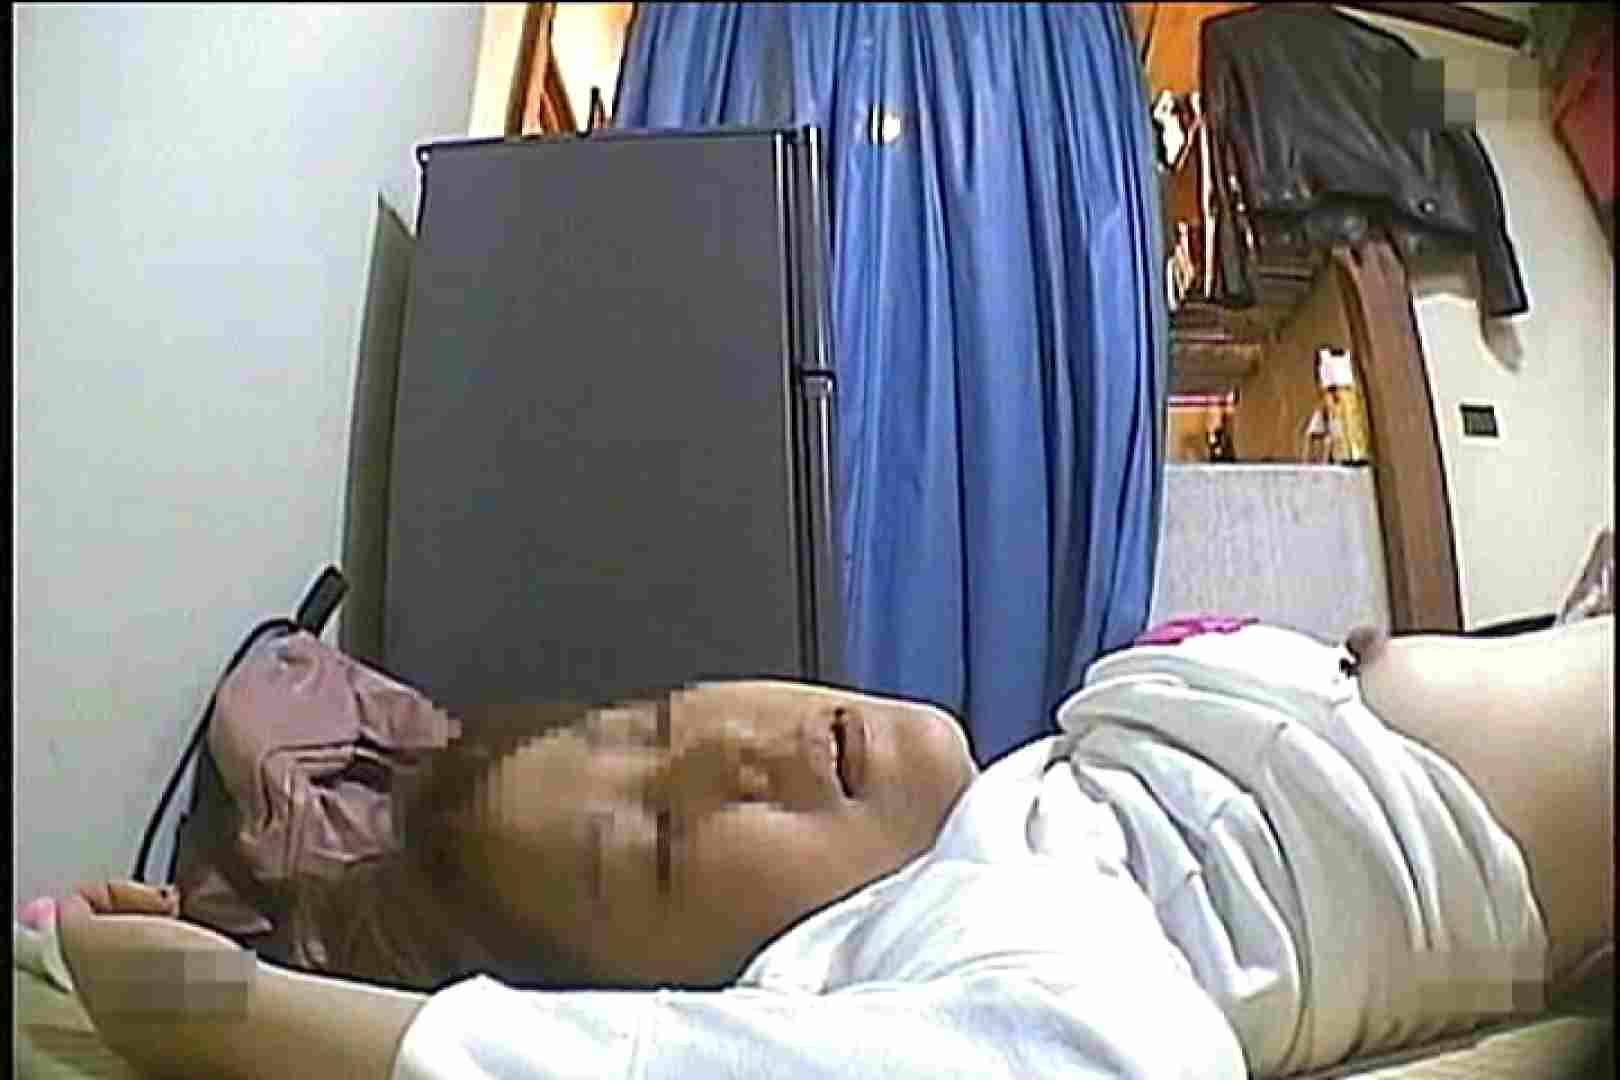 逝き過ぎ!!イケナイお姉さまVol.4 バイブ セックス無修正動画無料 60連発 34